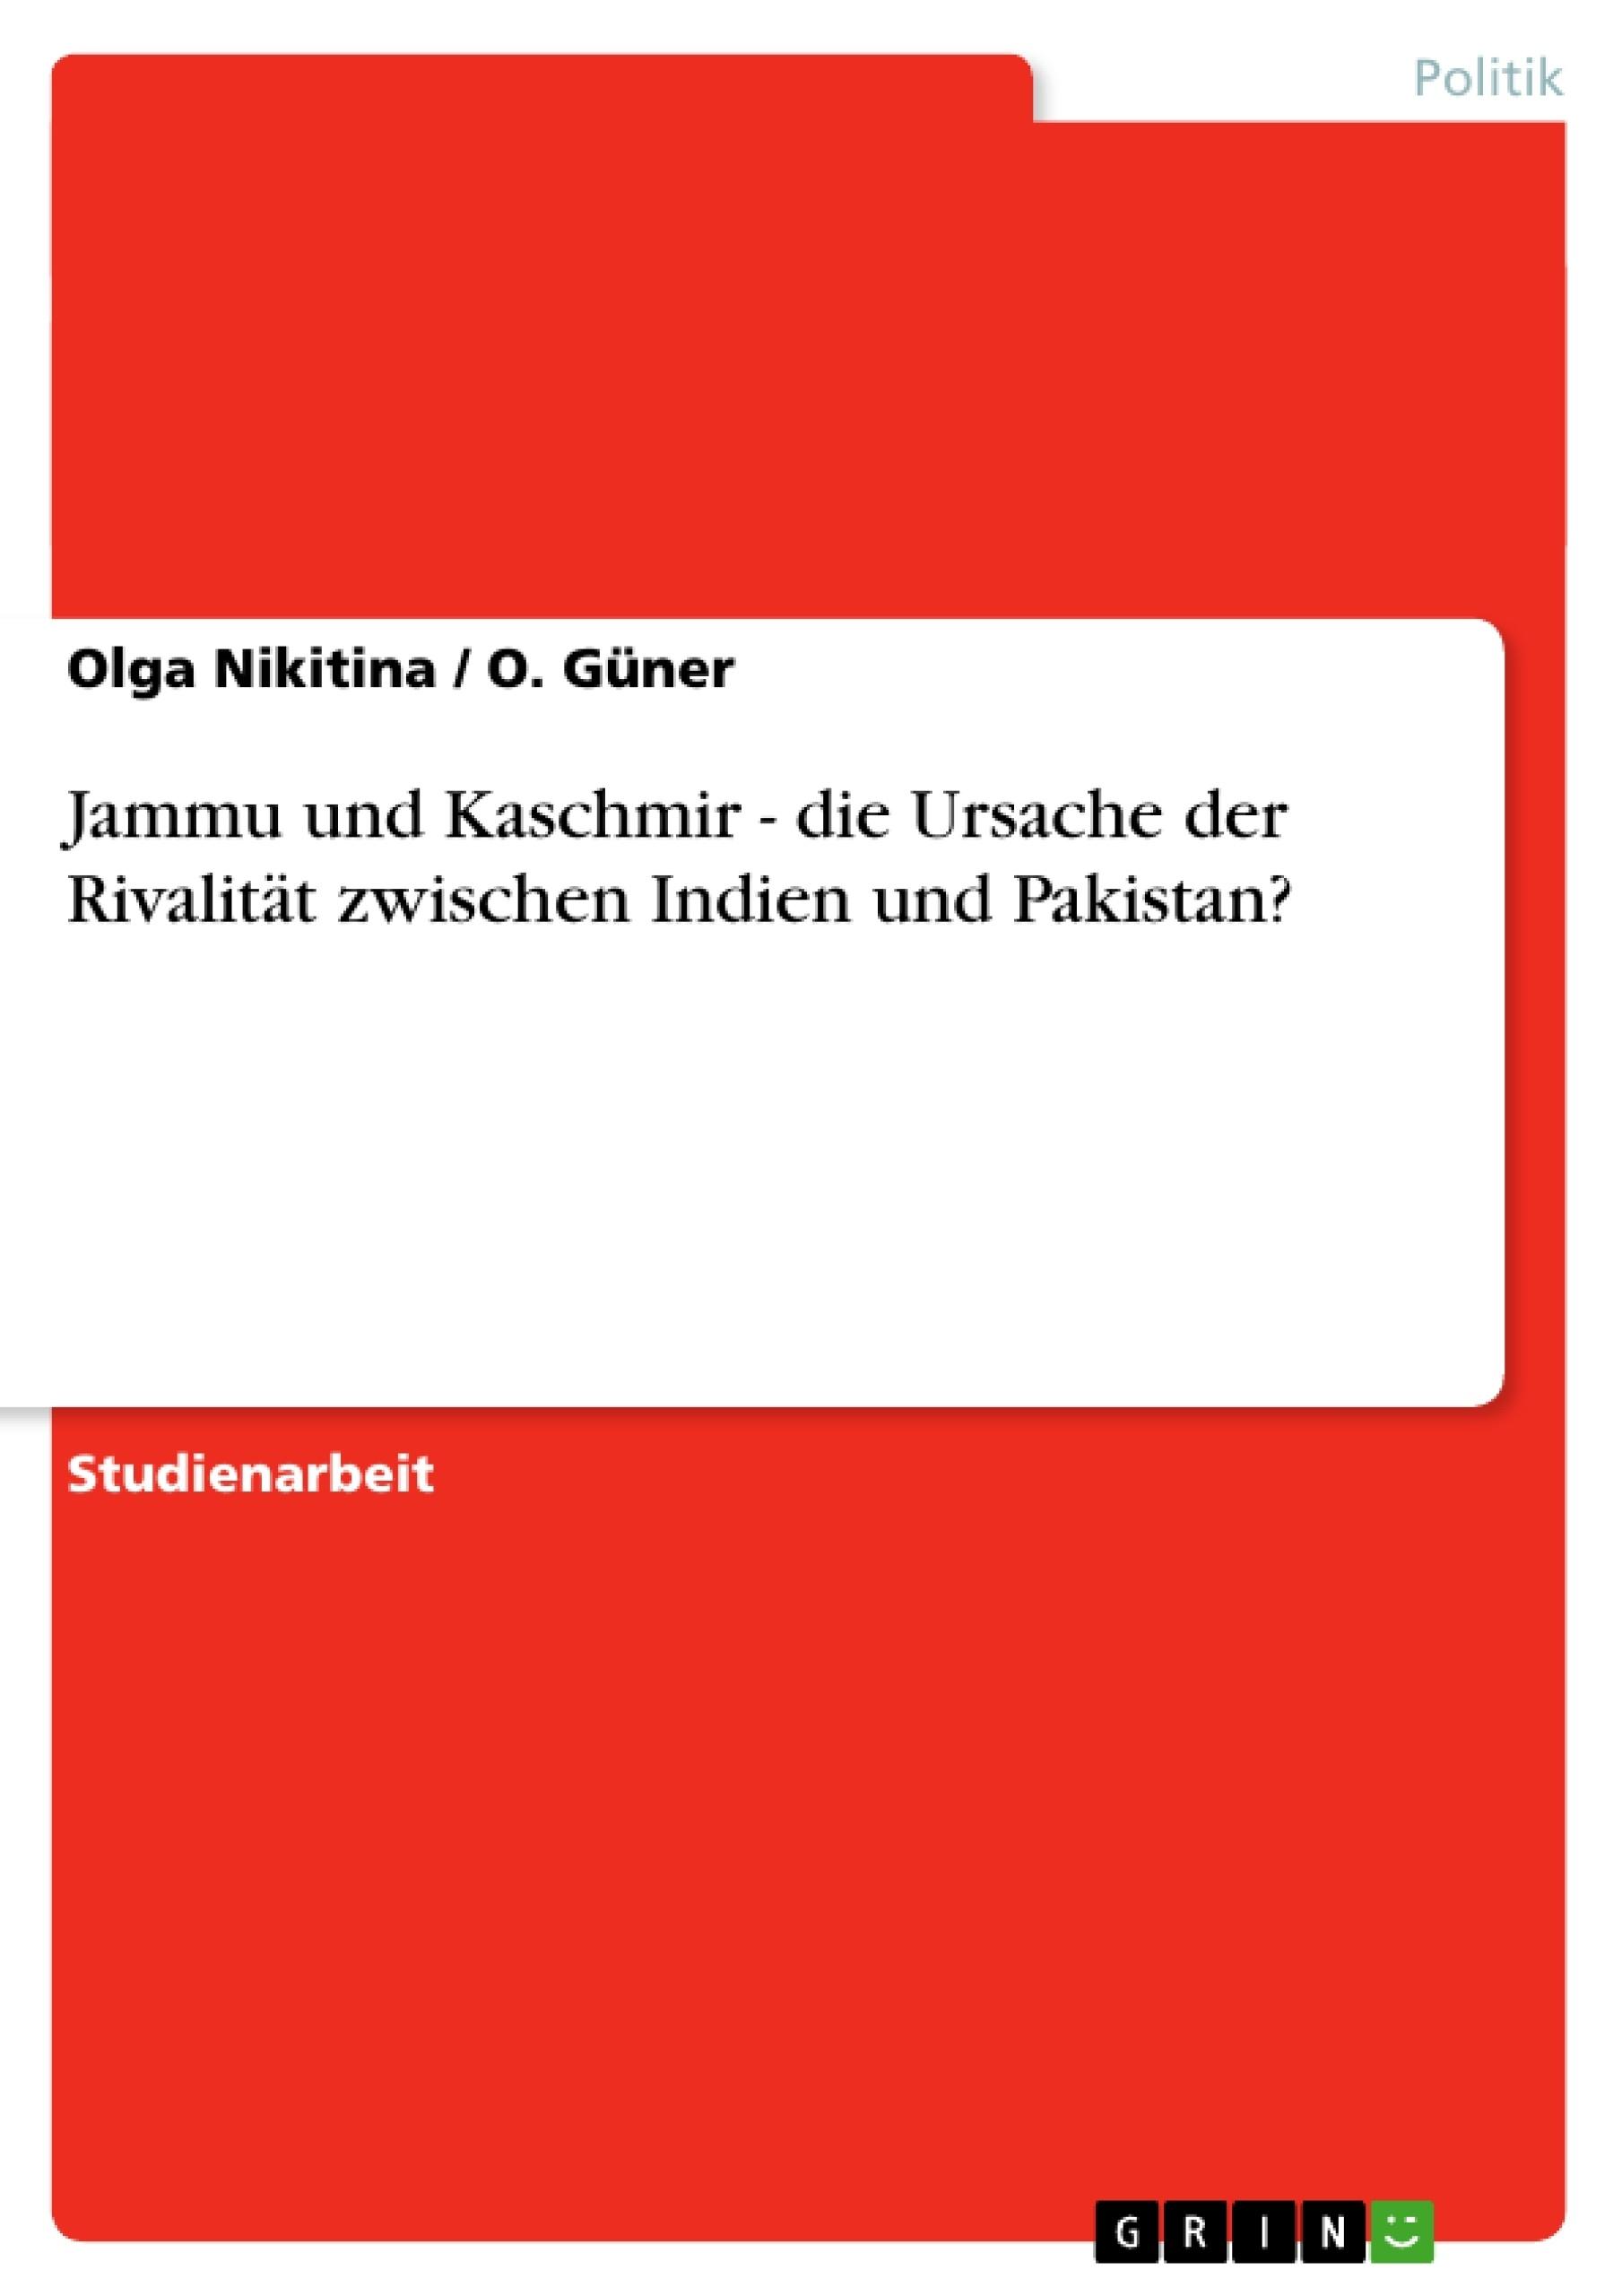 Titel: Jammu und Kaschmir - die Ursache der Rivalität zwischen Indien und Pakistan?